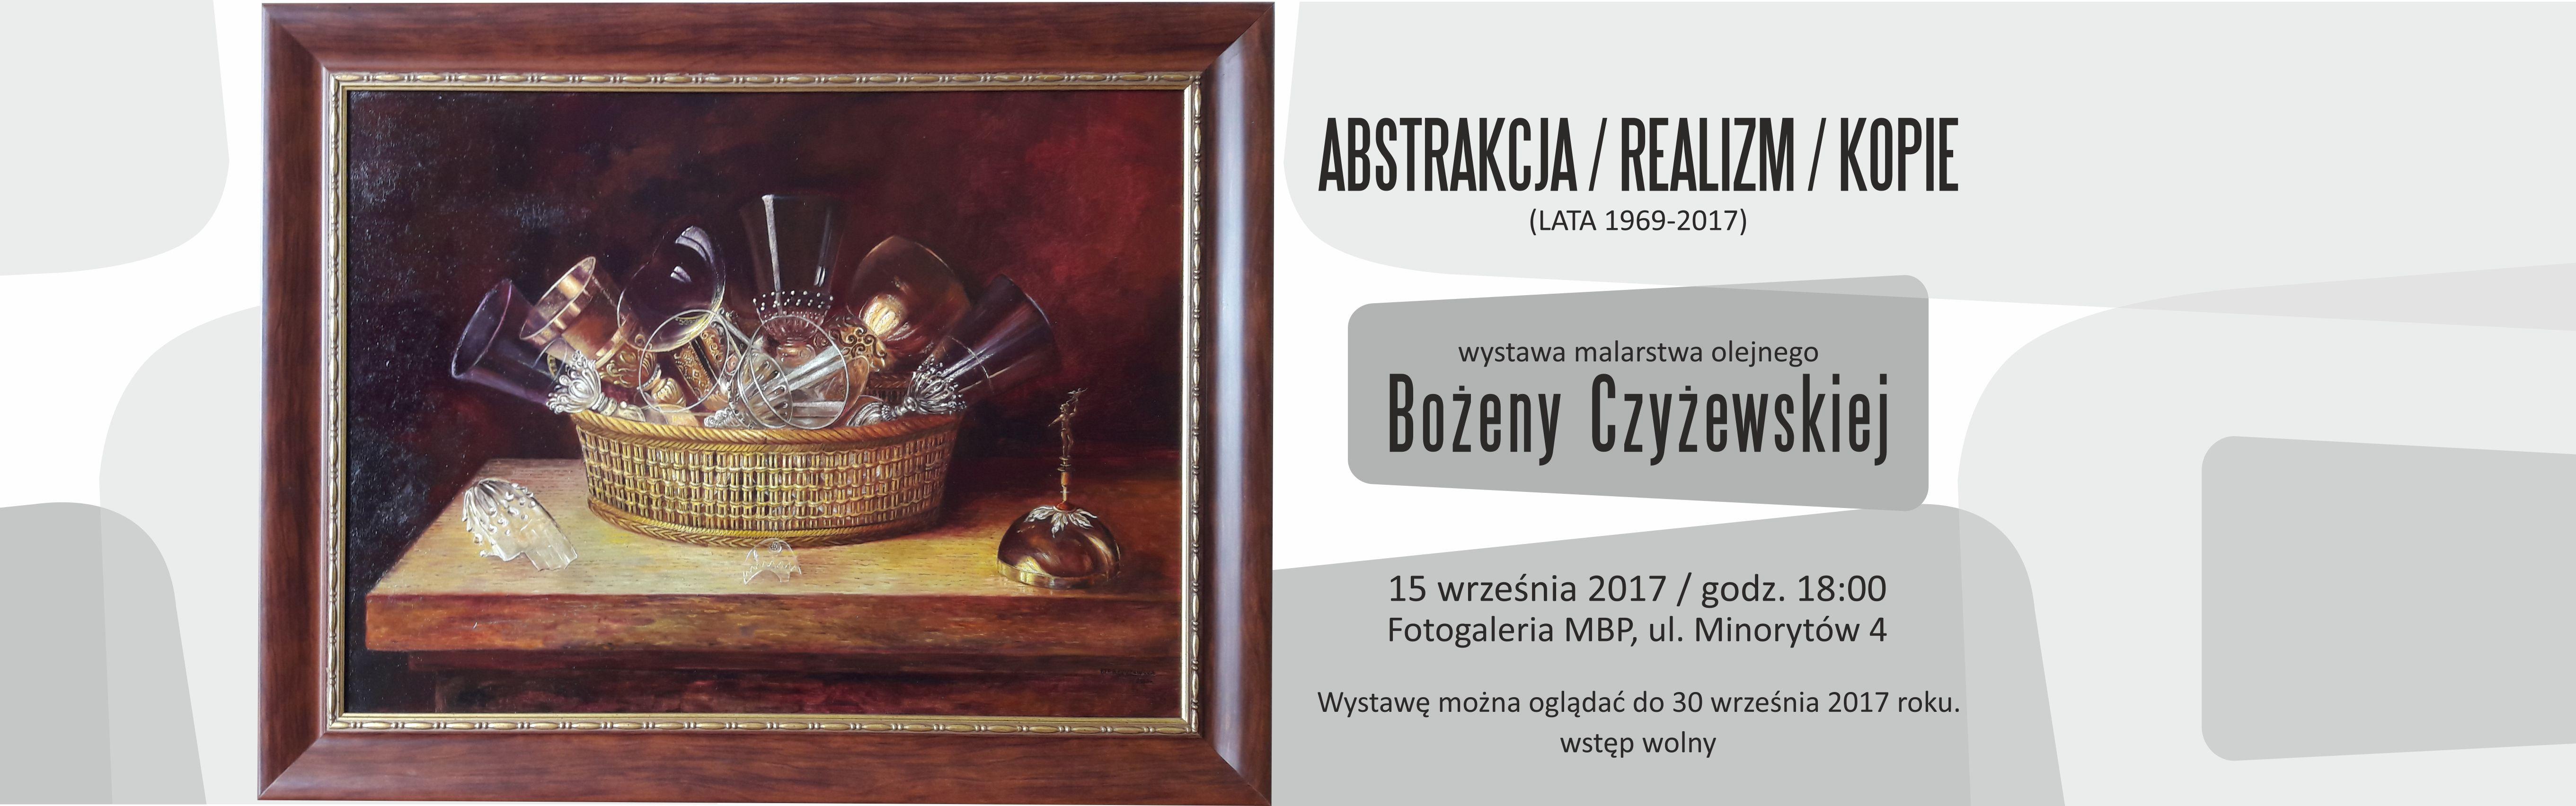 ABSTRAKCJA/REALIZM/KOPIE (LATA 1969-2017) - wystawa malarstwa olejnego Bożeny Czyżewskiej